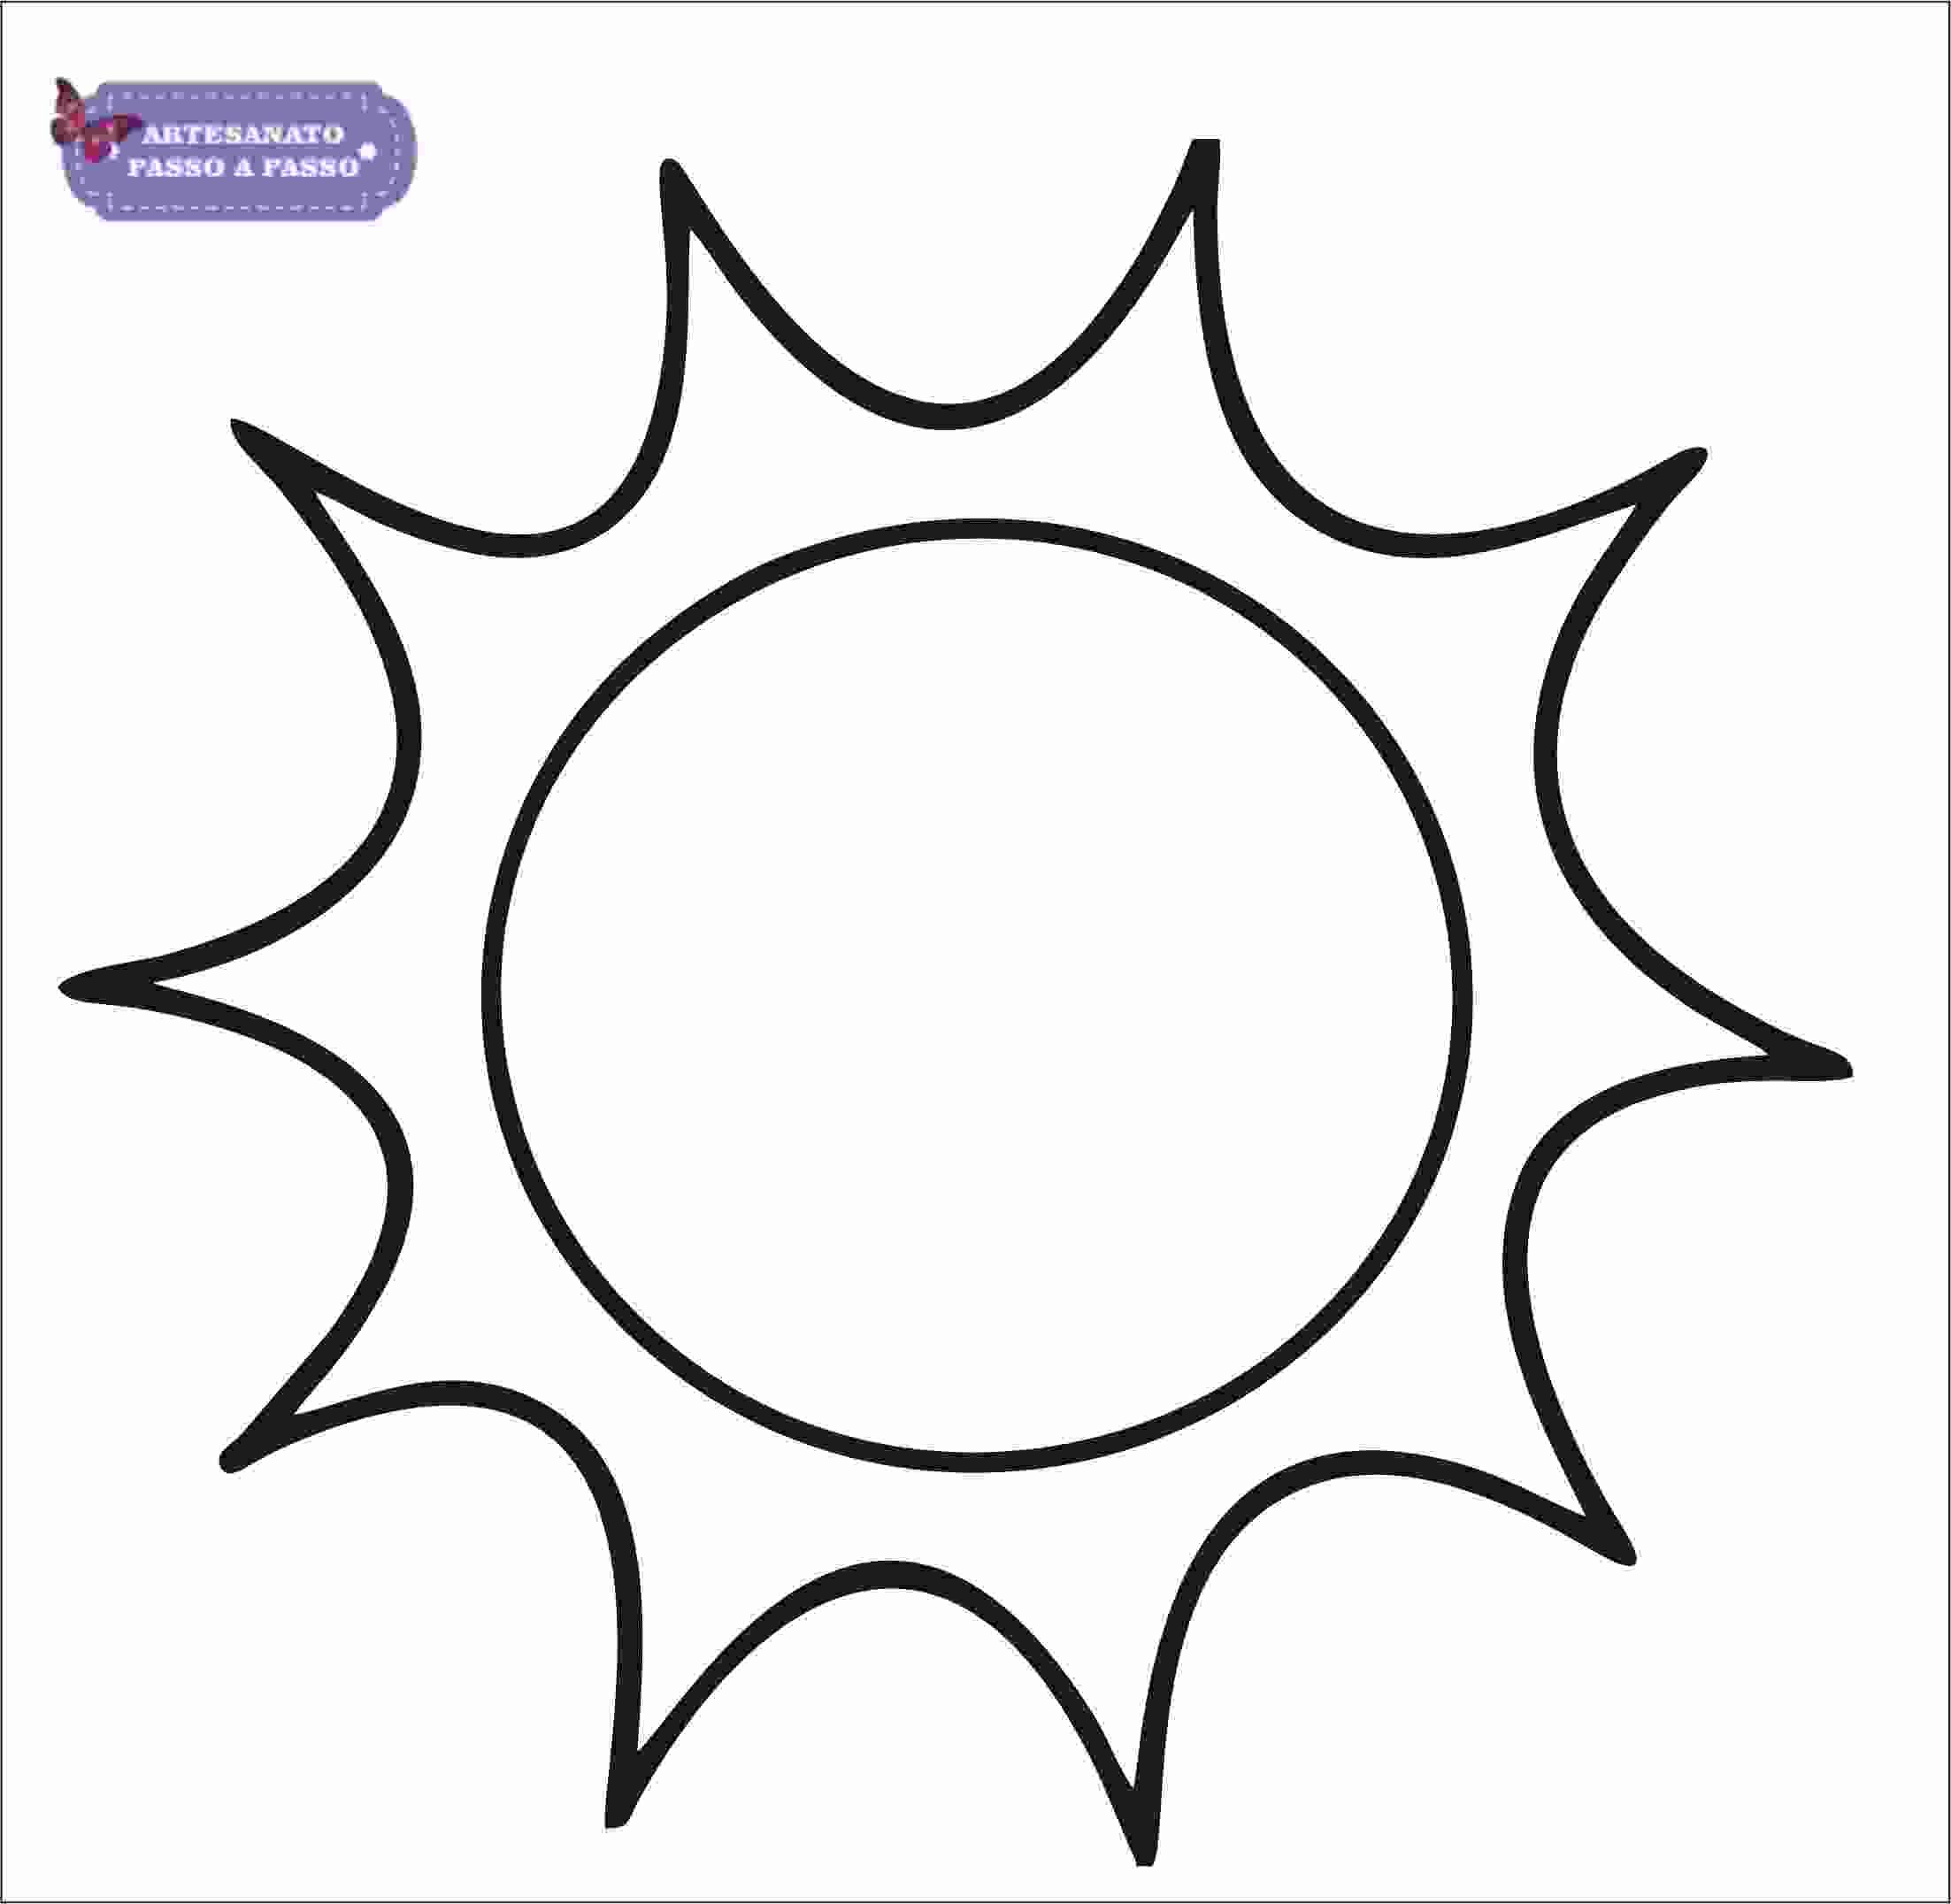 Molde De Sol Para Imprimir Artesanato Passo A Passo